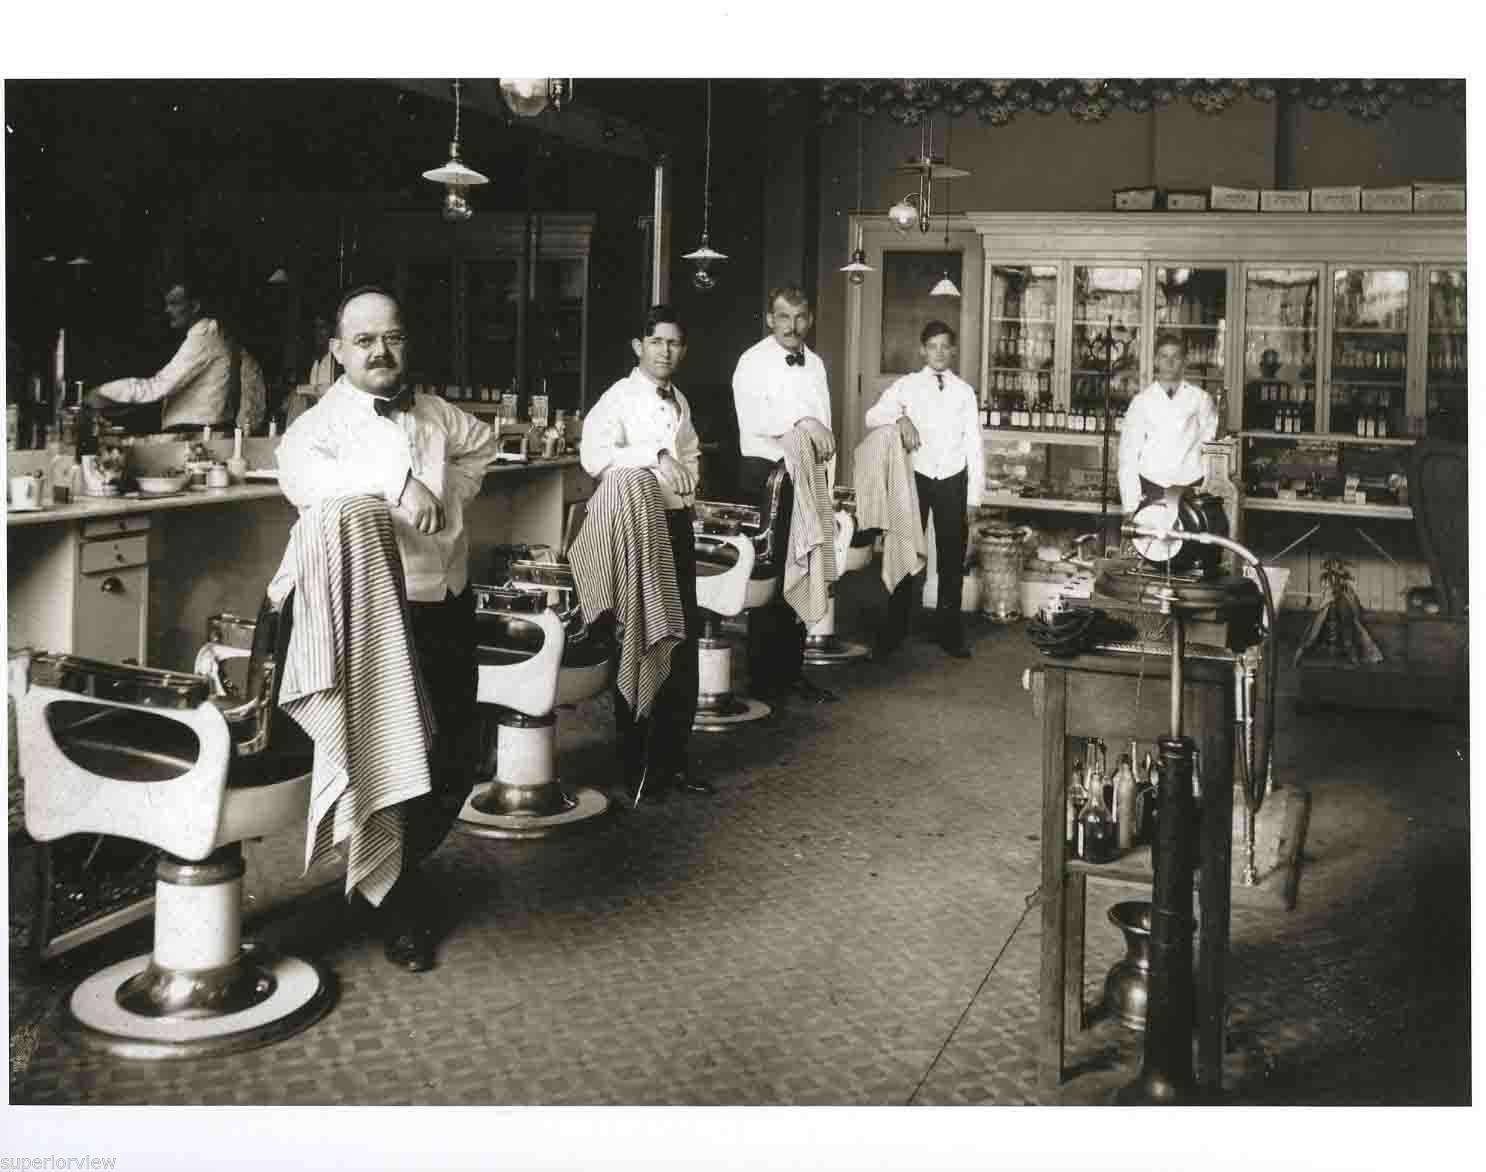 Old barber shop window - Vintage Barber Shop Old Time Barber Chairs Tonic Bottles Shoe Shine Barbers Look Ebay